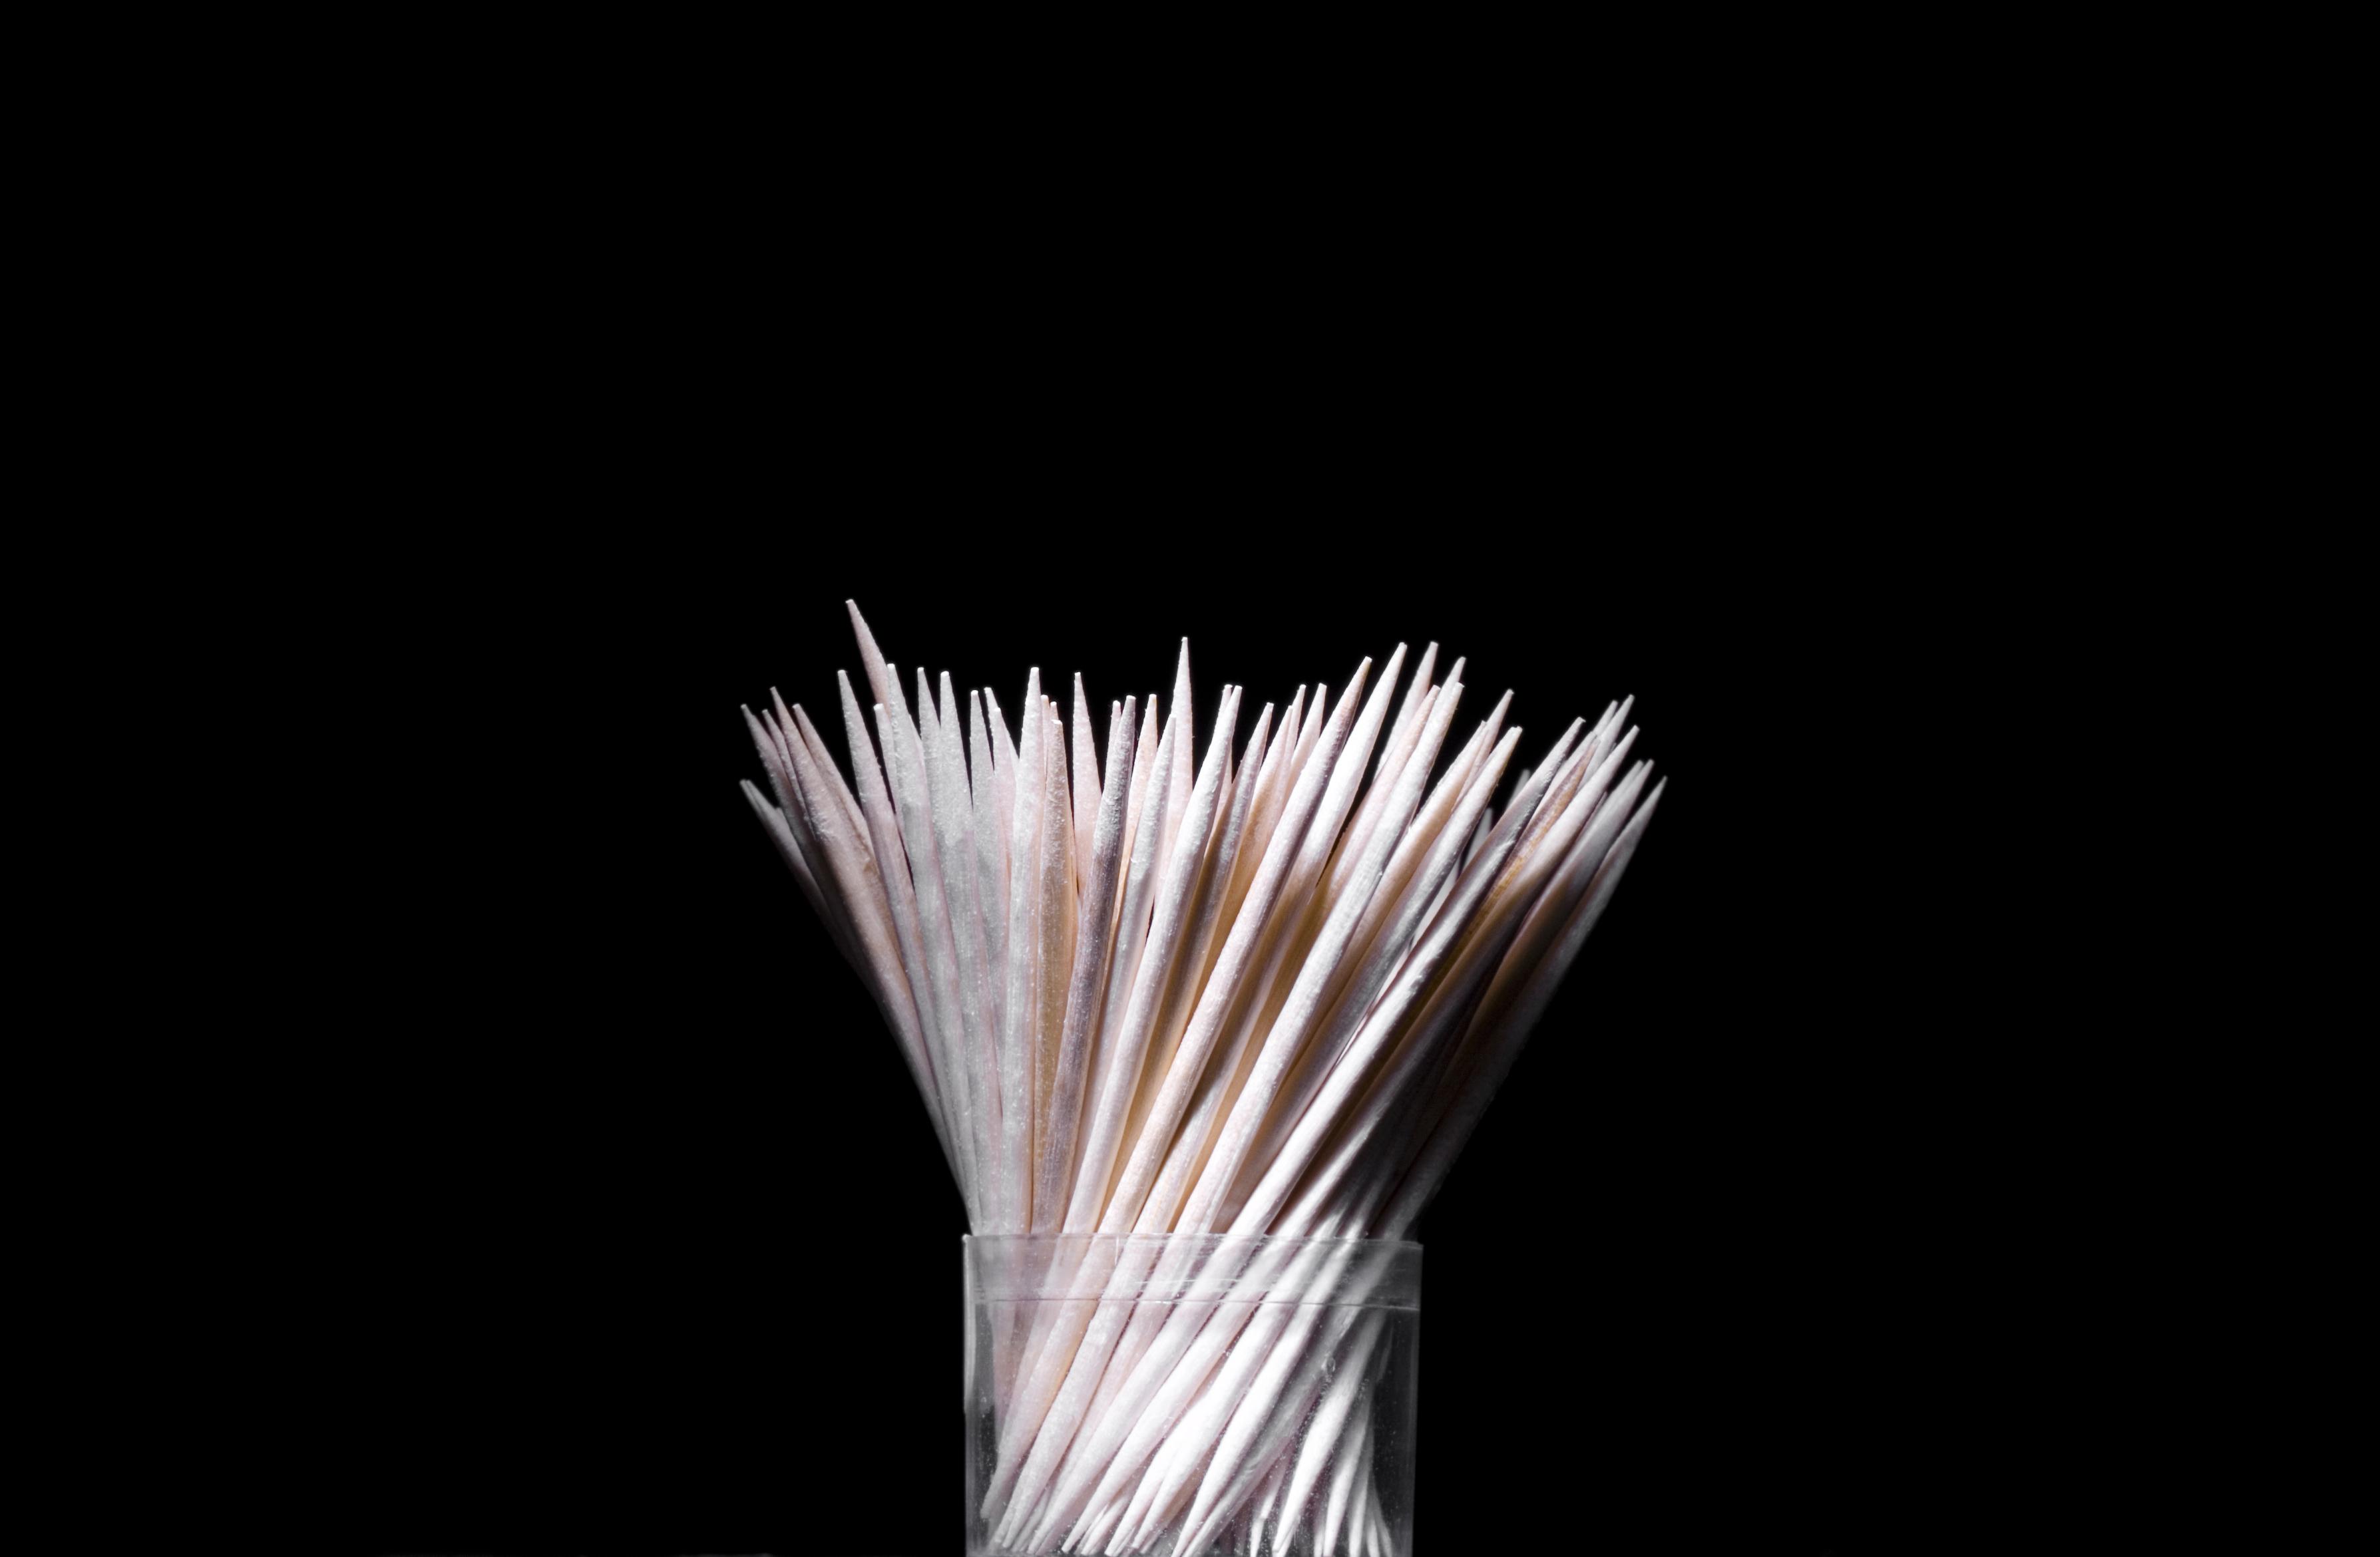 Toothpick photo